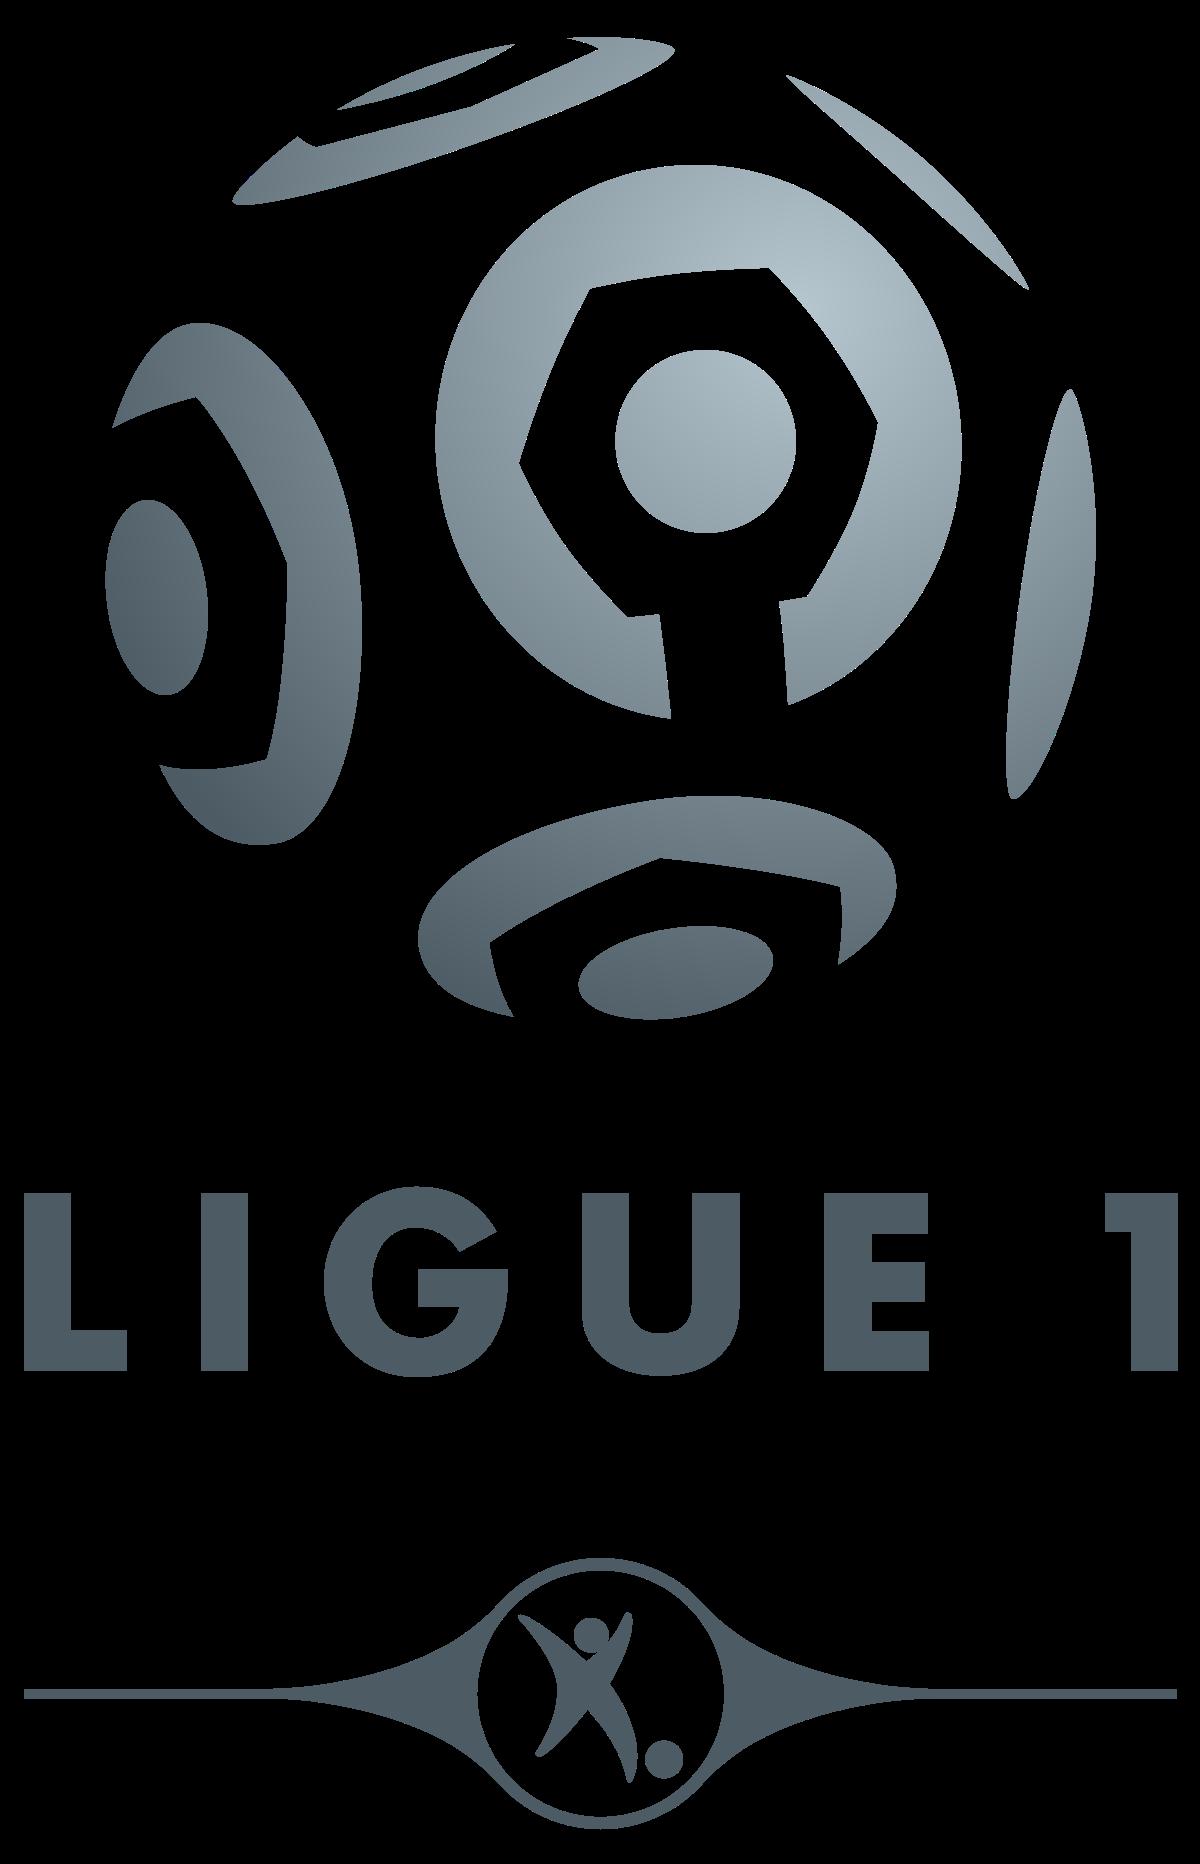 队报:canal+电视台拒付1.1亿欧法甲赛季延期转播费